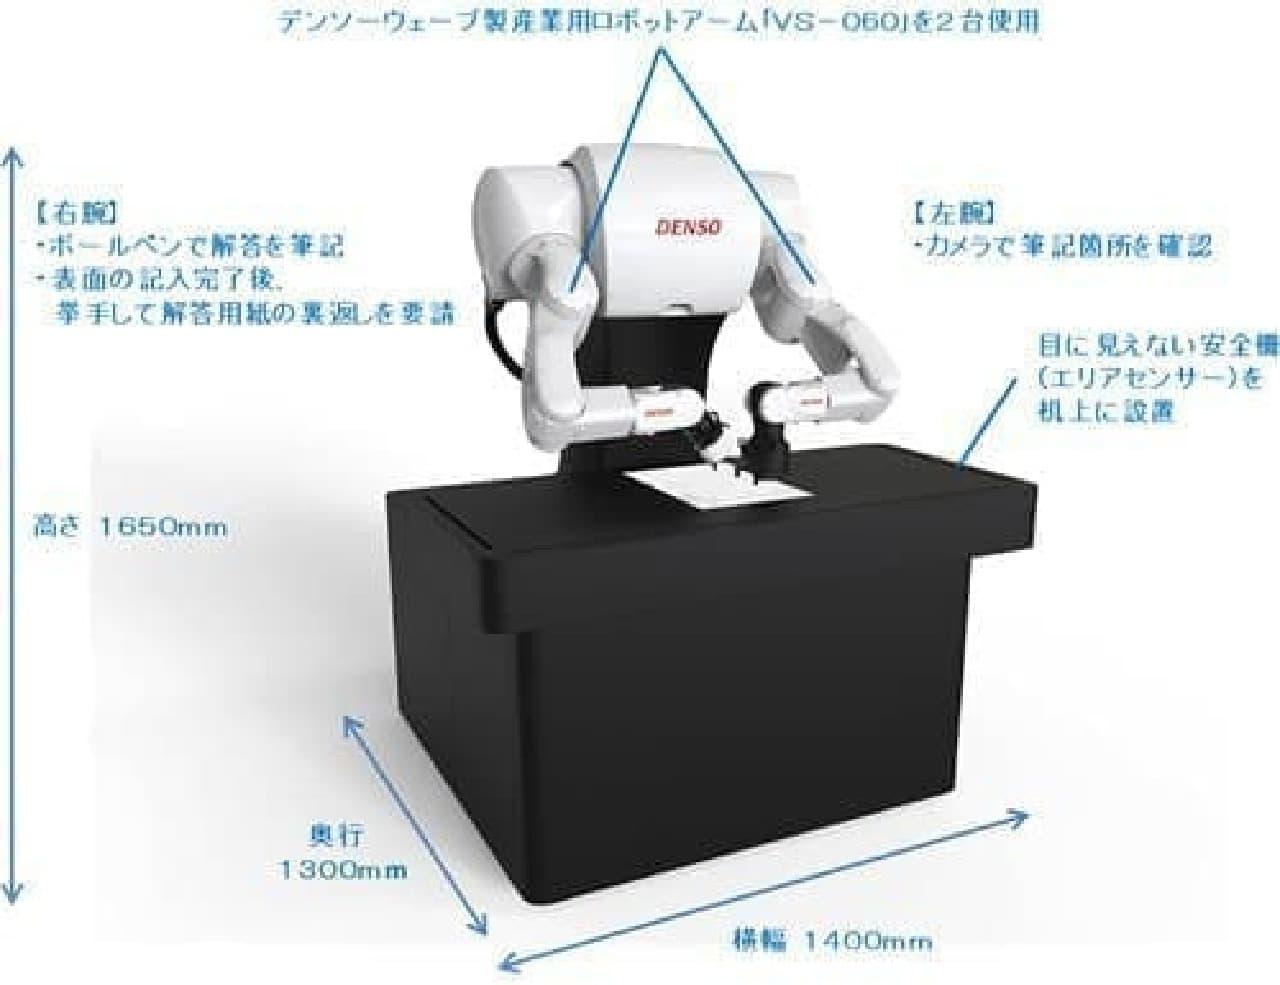 ロボットの説明図